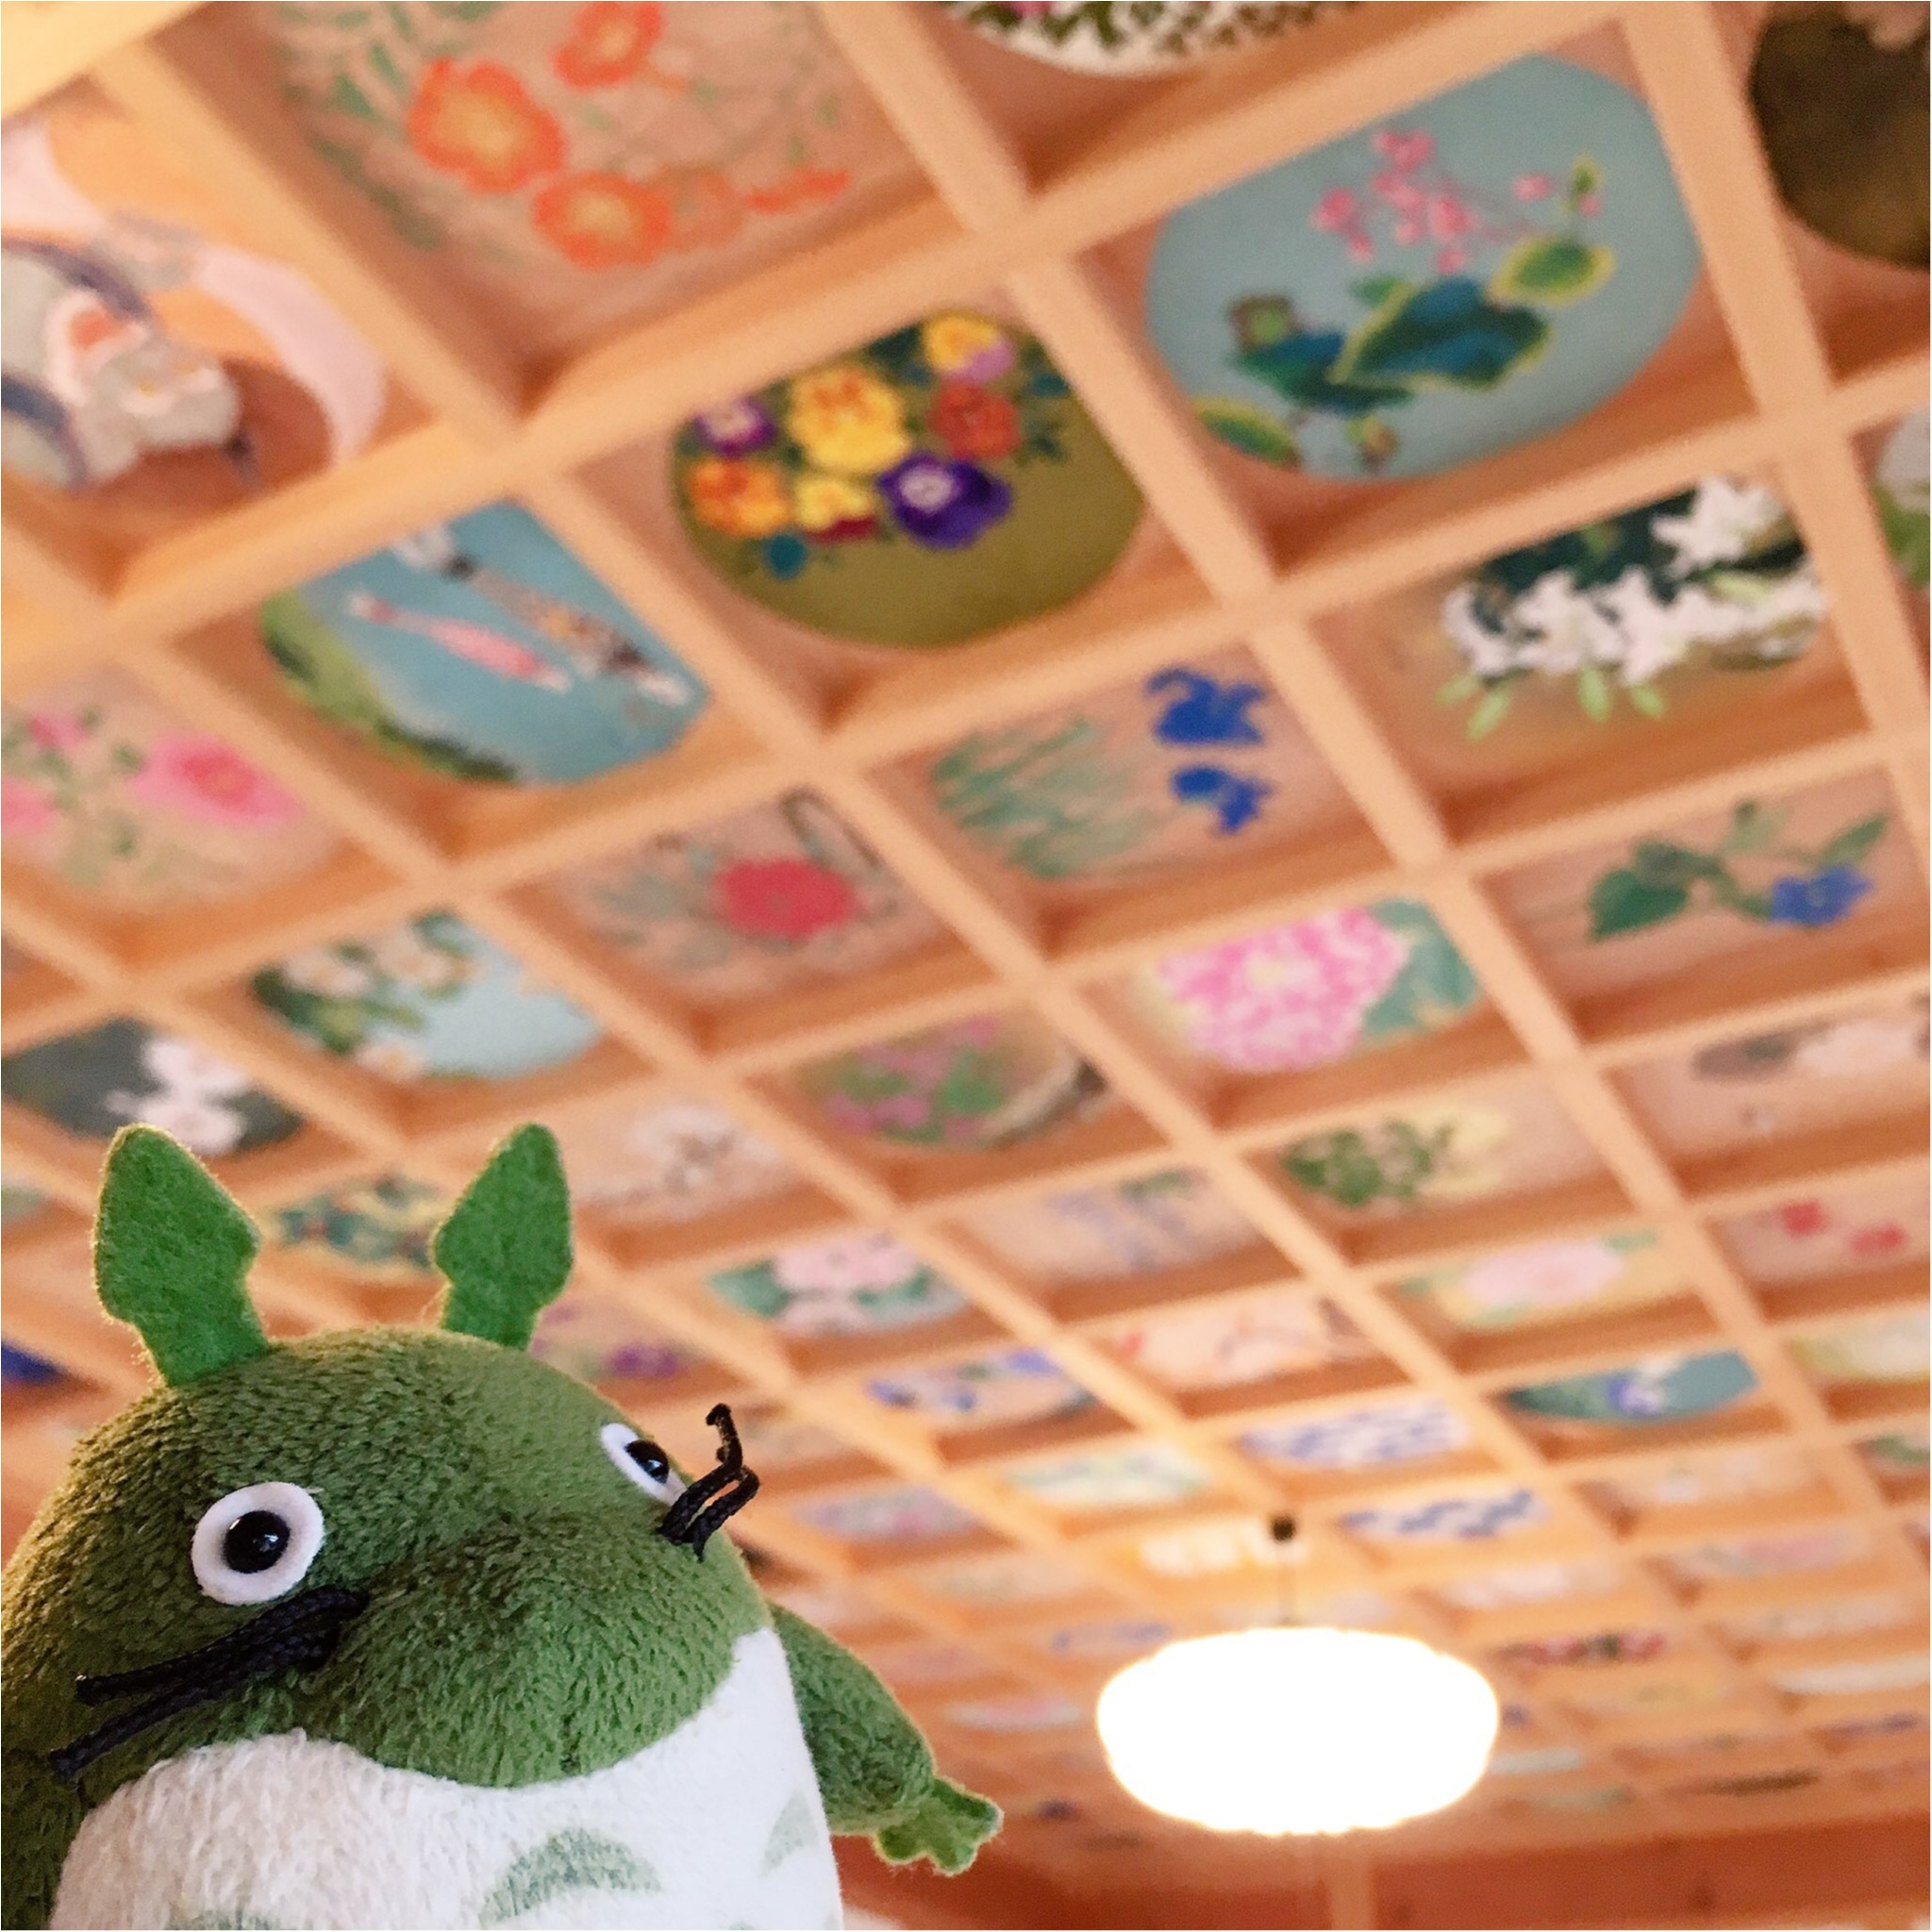 【フォトジェニックすぎる寺院】京都『正寿院』の魅力を紹介しちゃいます♡_3